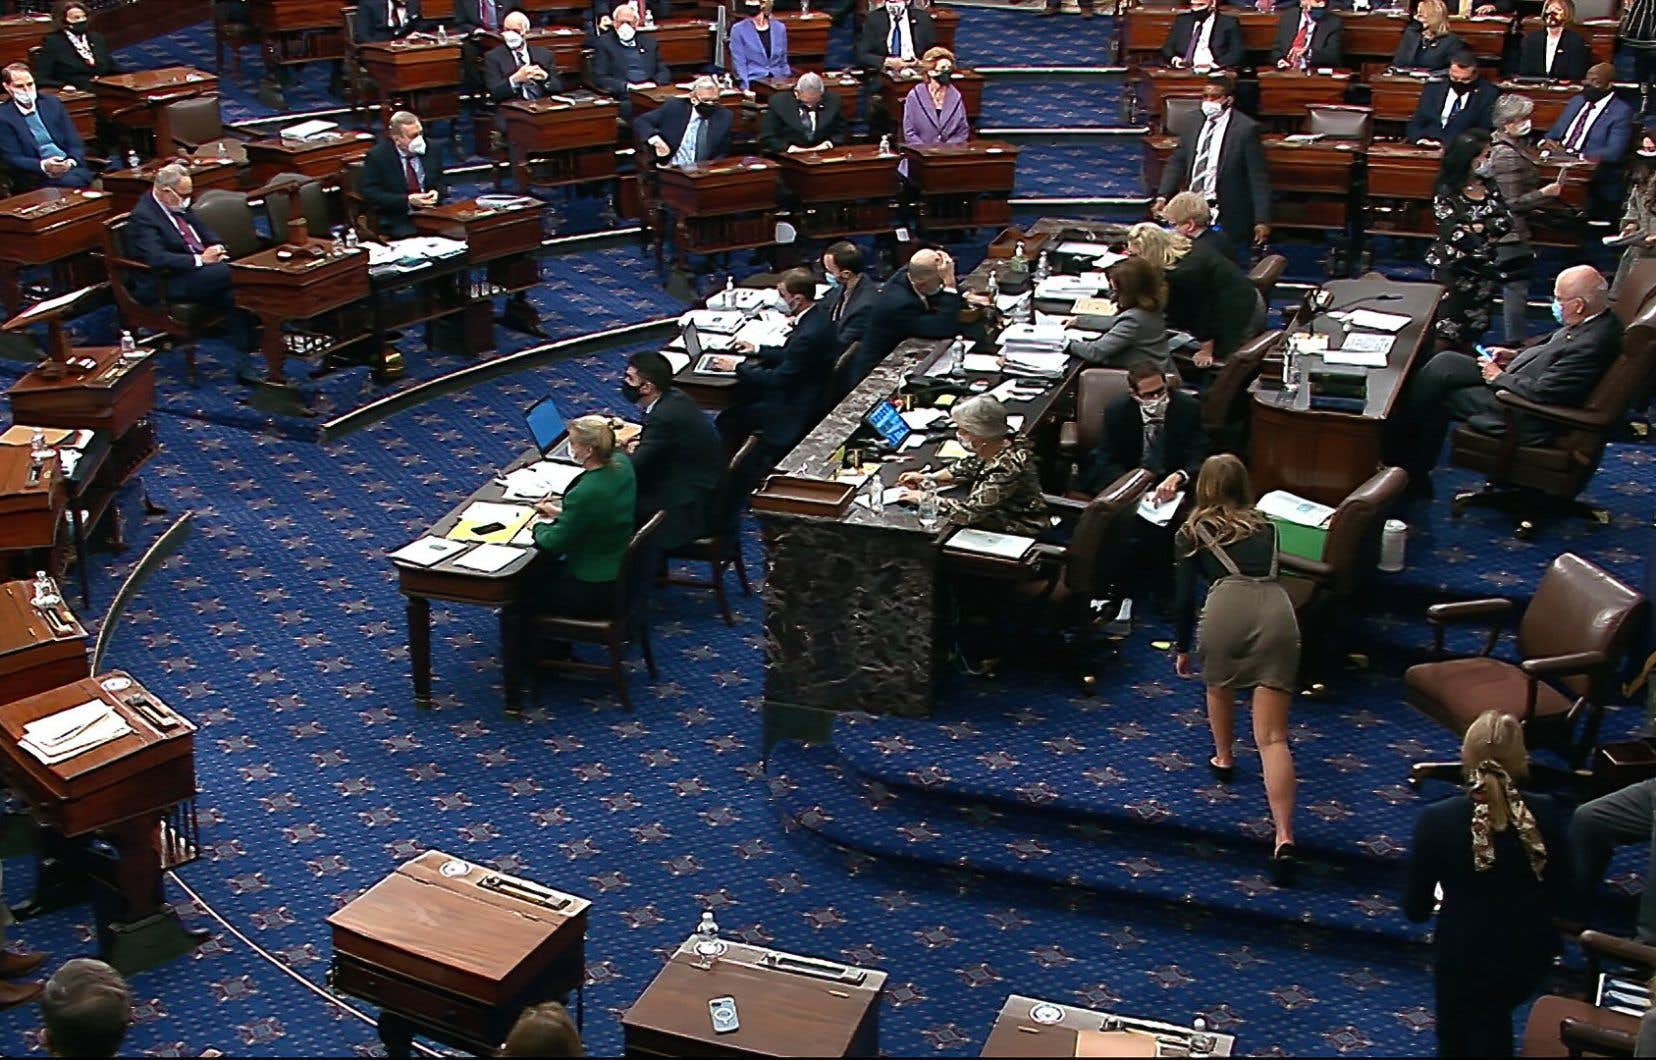 Le projet de loi a été adopté grâce aux seules voix des sénateurs démocrates, par 50 votes contre 49.